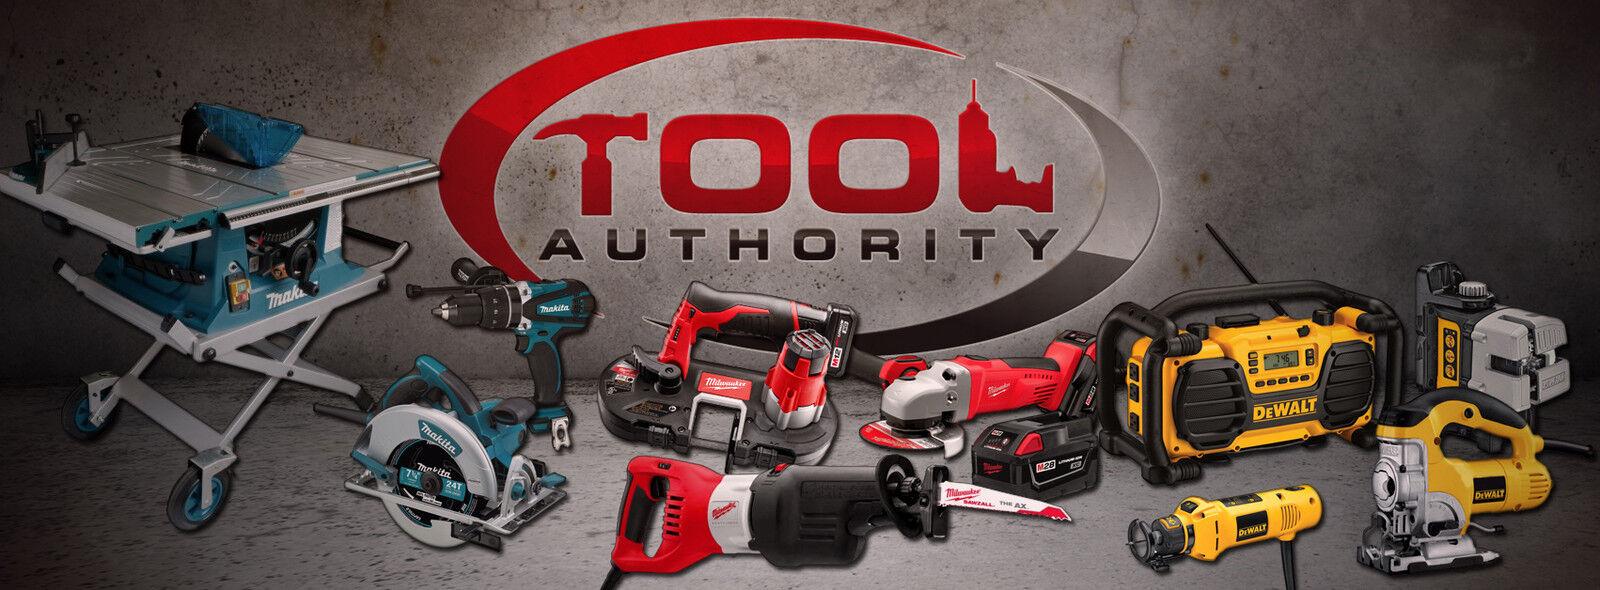 toolauthority